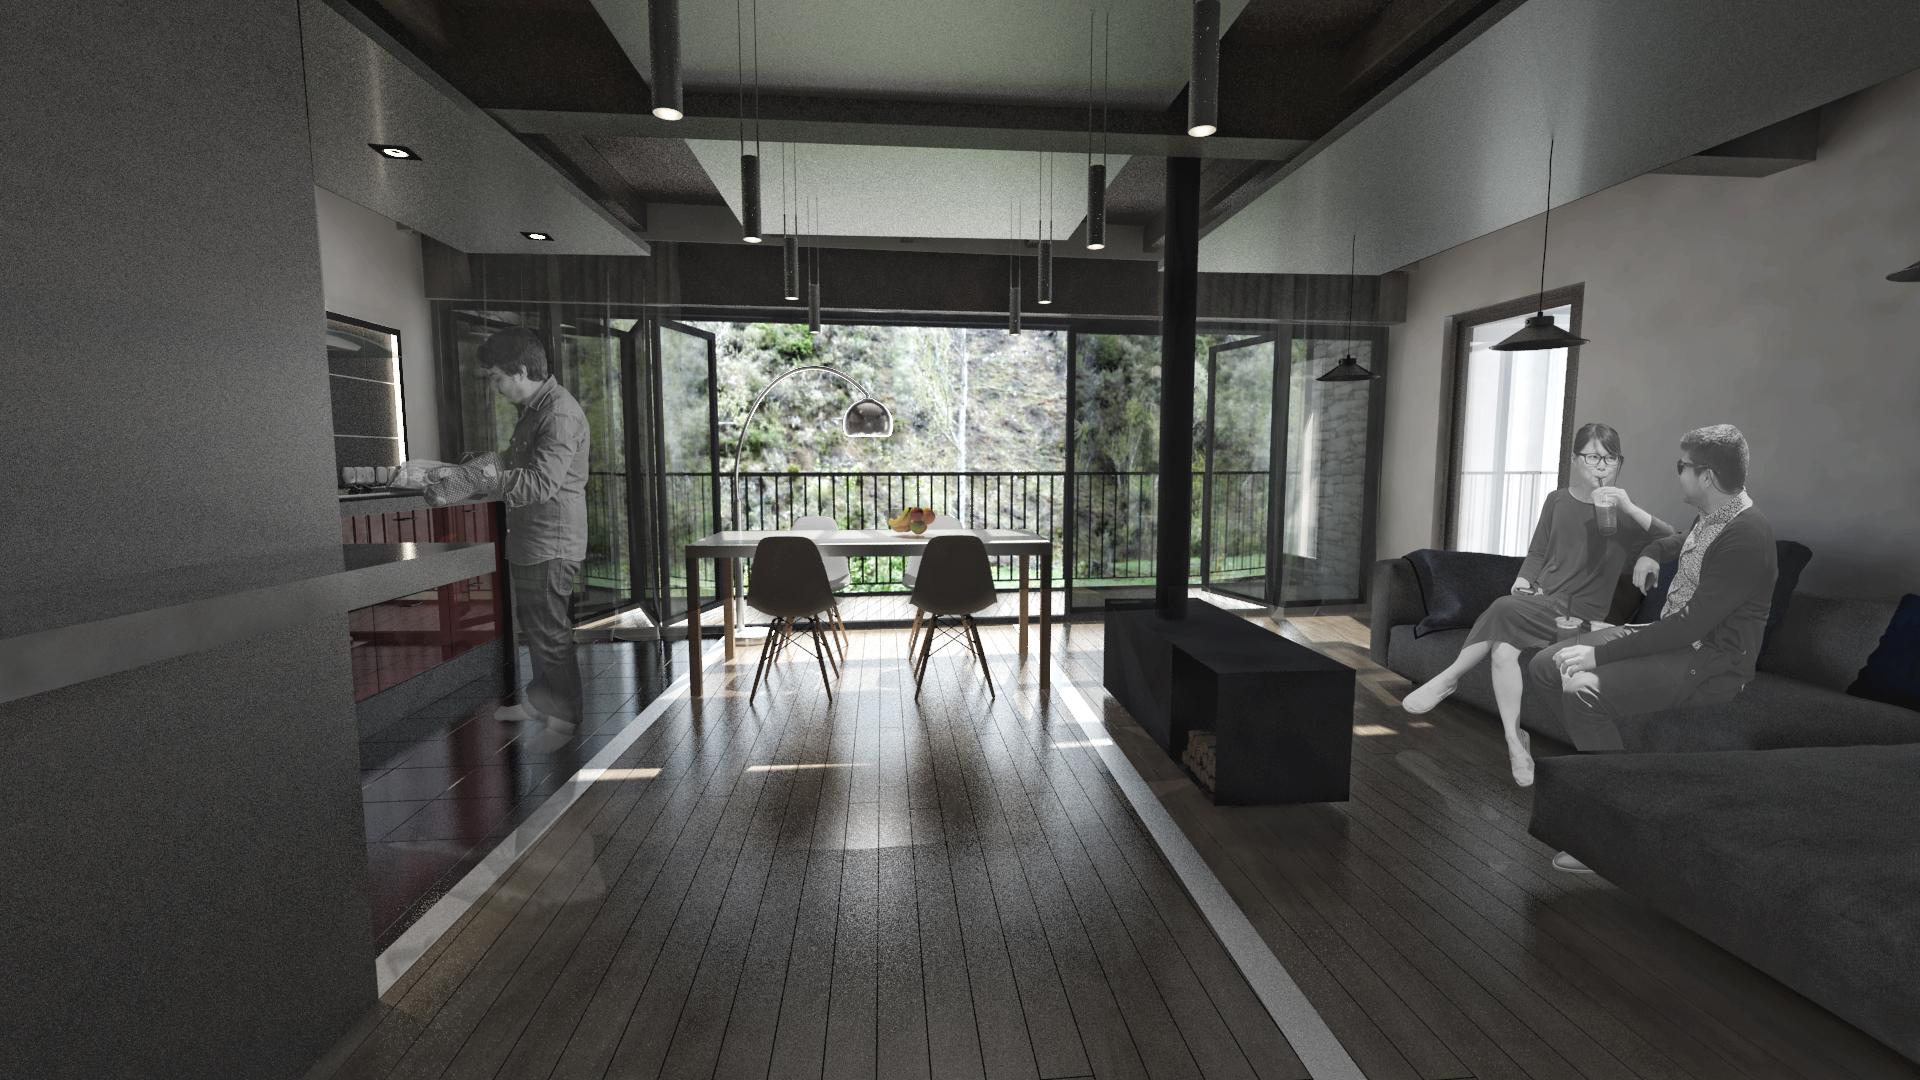 sietequince proyecto vivienda rural diseño p1 salon